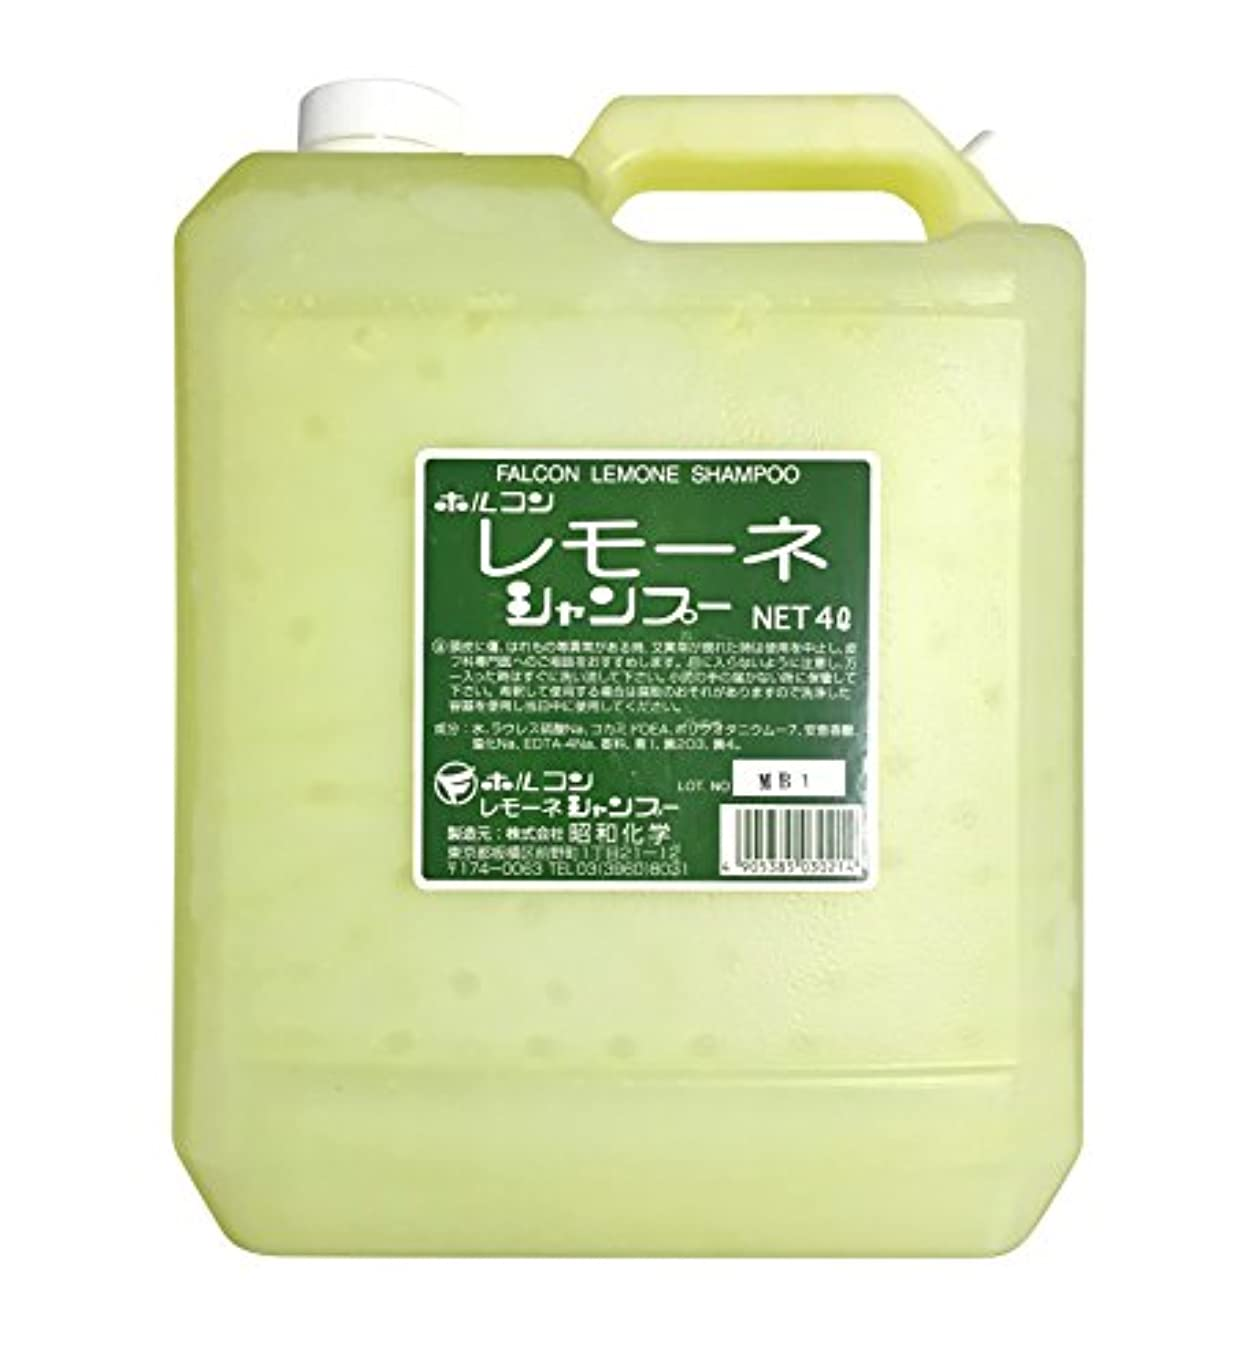 思いつく日没優れた昭和化学 ホルコン レモーネシャンプー 4000ml